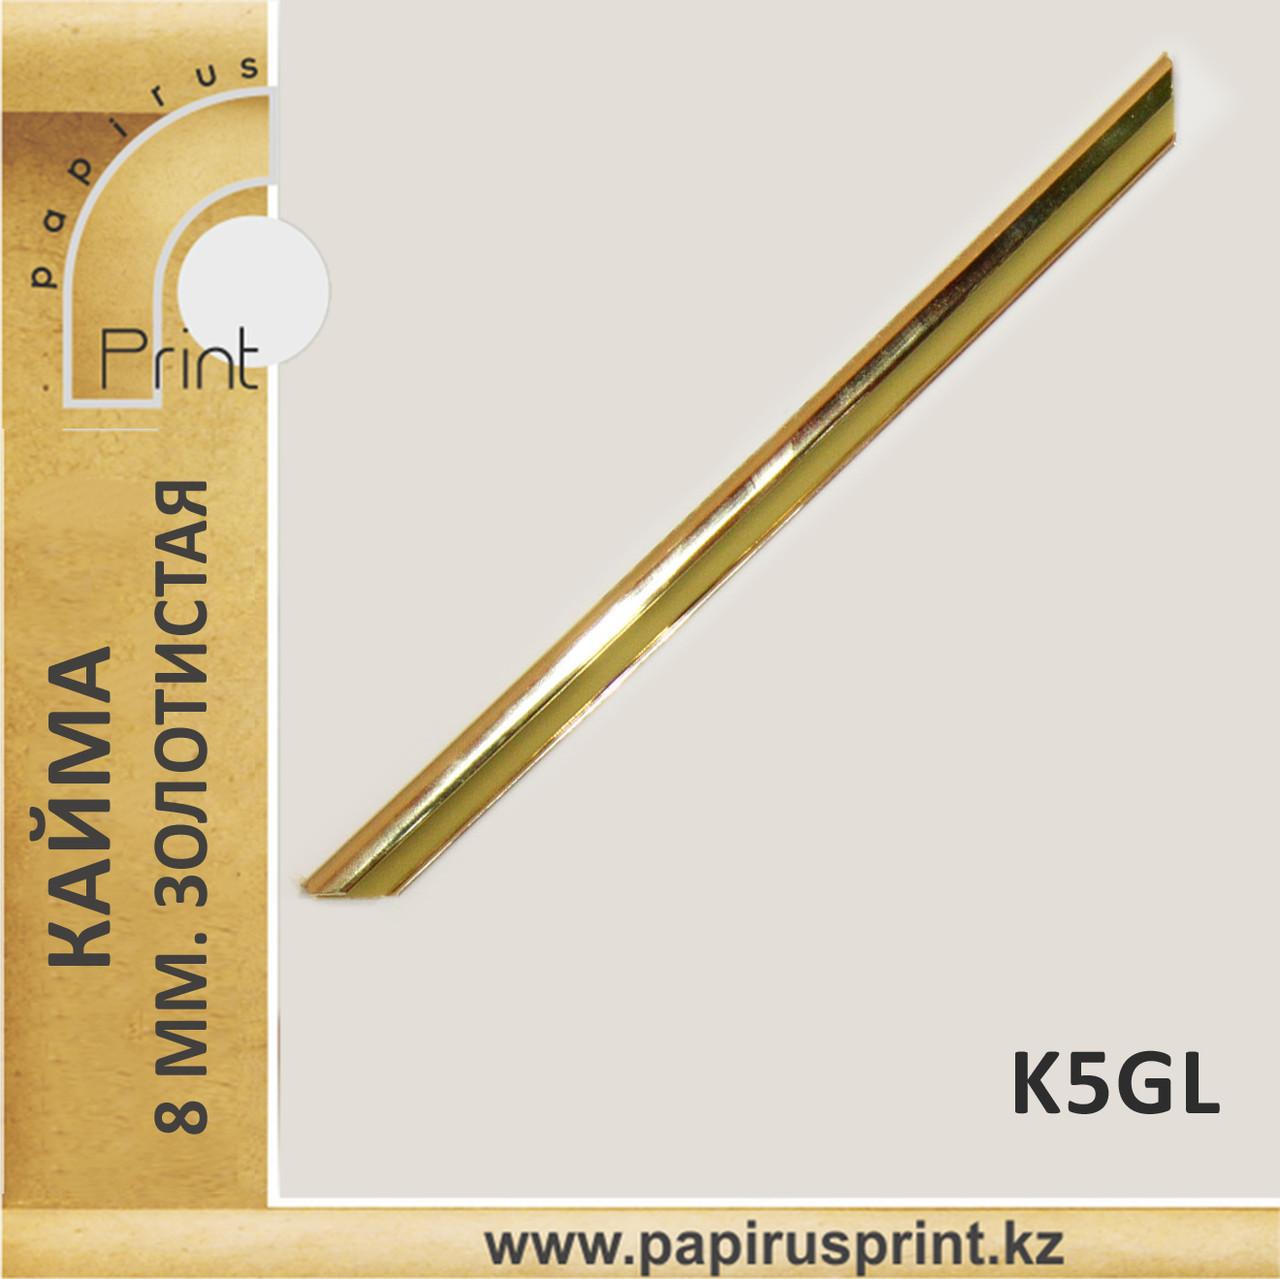 Кайма 8 мм золотая 2.4 м.